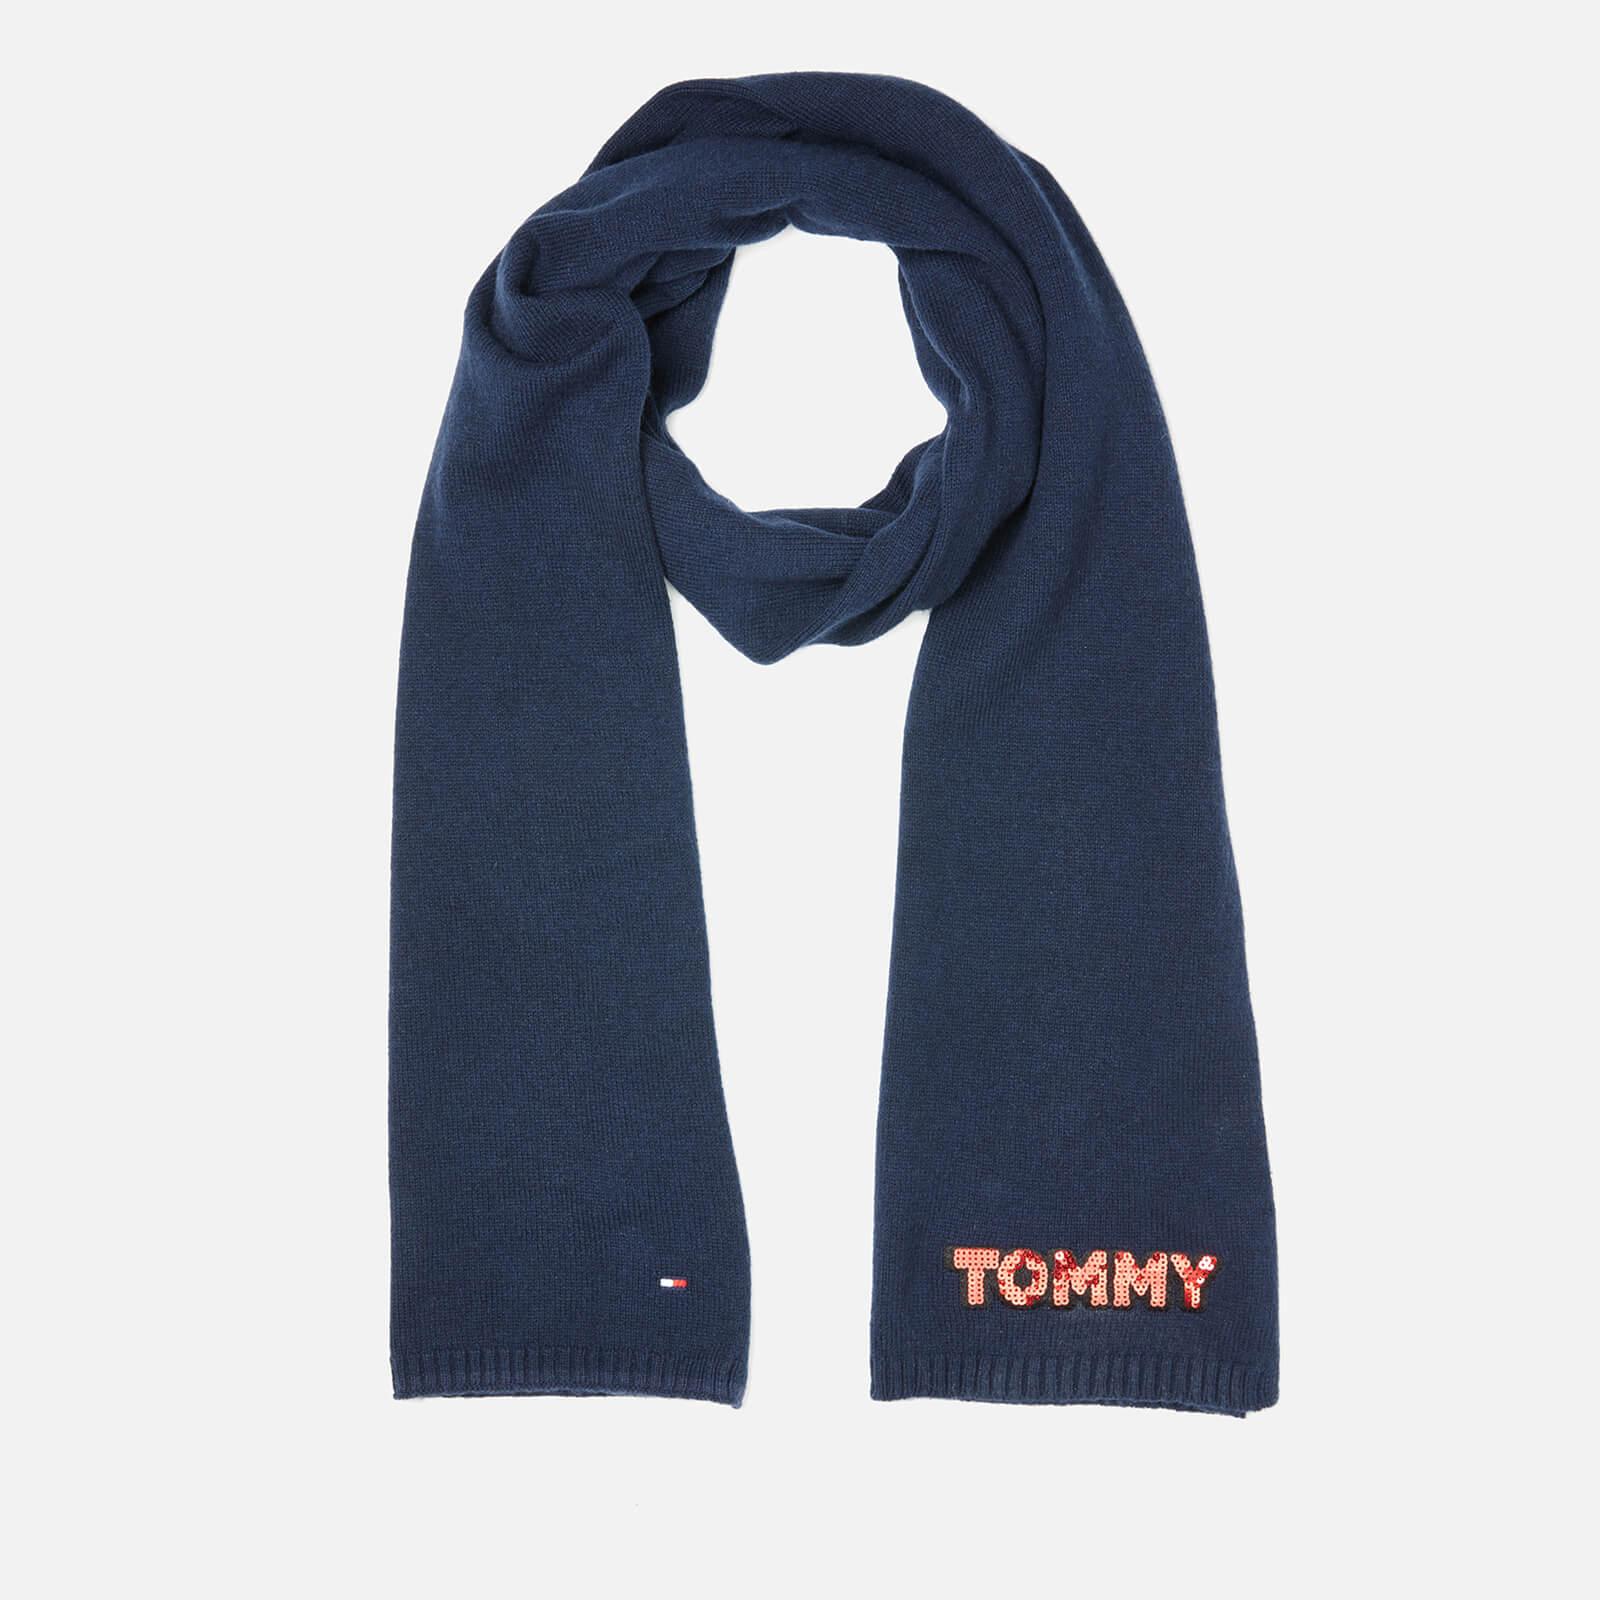 Tommy Hilfiger Women's Tommy Patch Knit Scarf - Navy